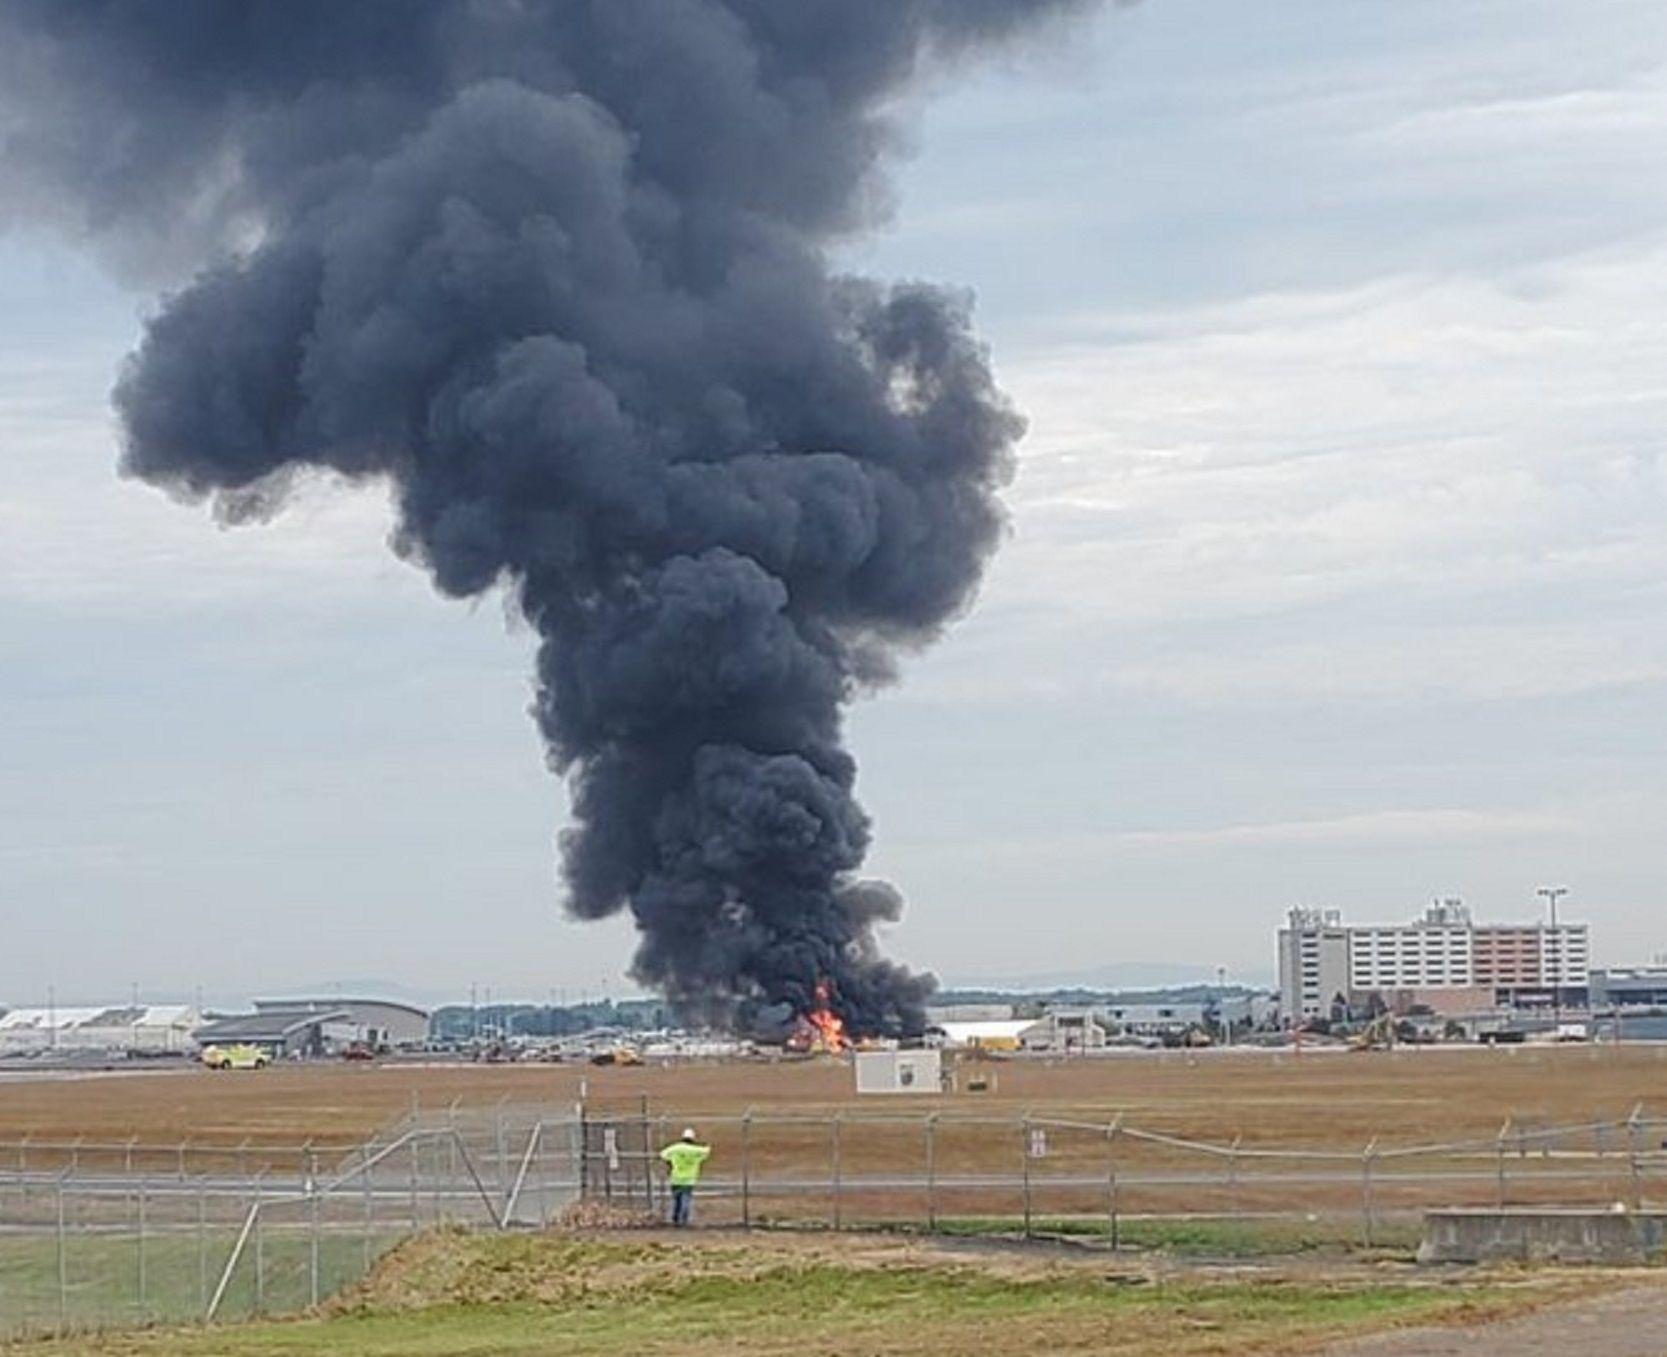 VIDEO: Un avión de la Segunda Guerra Mundial se estrelló en un aeropuerto de los Estados Unidos